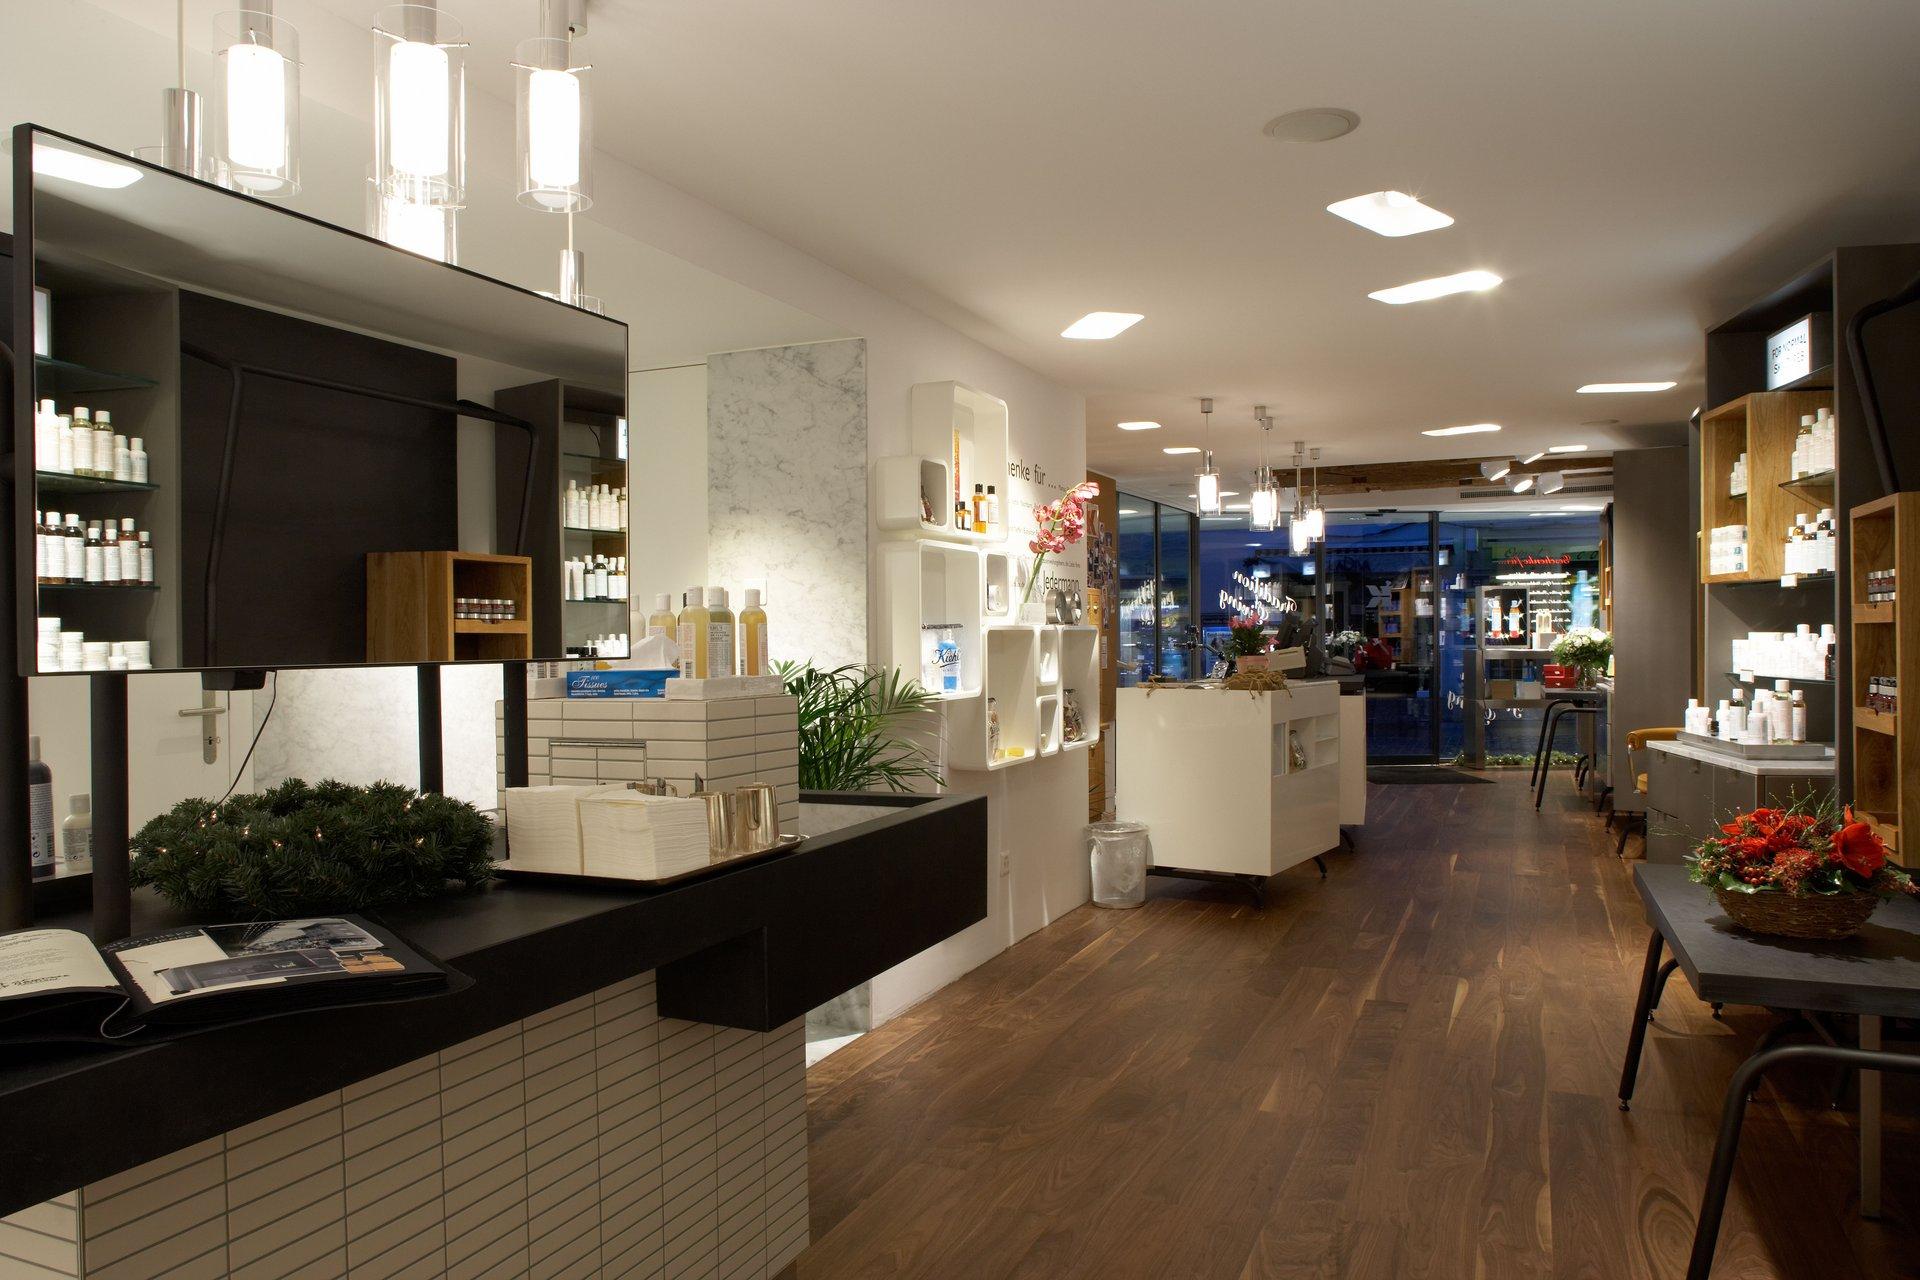 Heller, moderner Shop mit viel Holz und Elementen aus Marmor